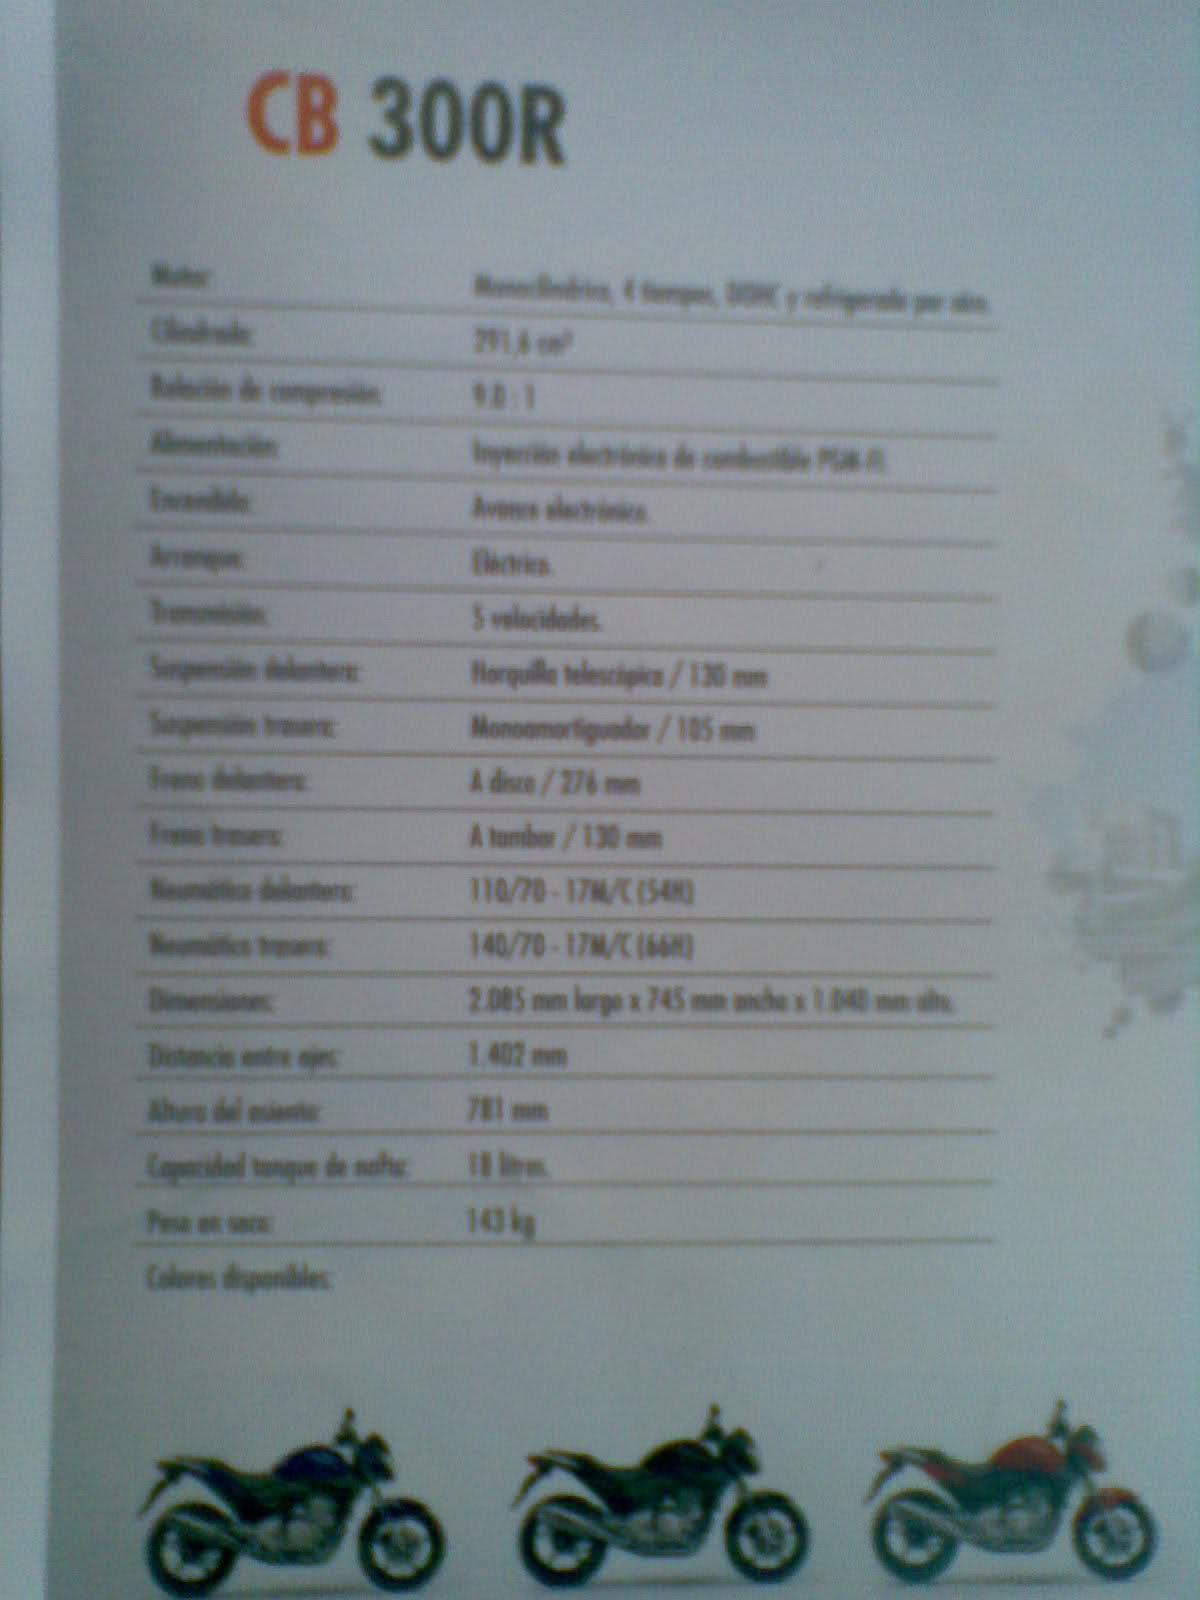 honda CB 300R - Página 6 Rt49oy